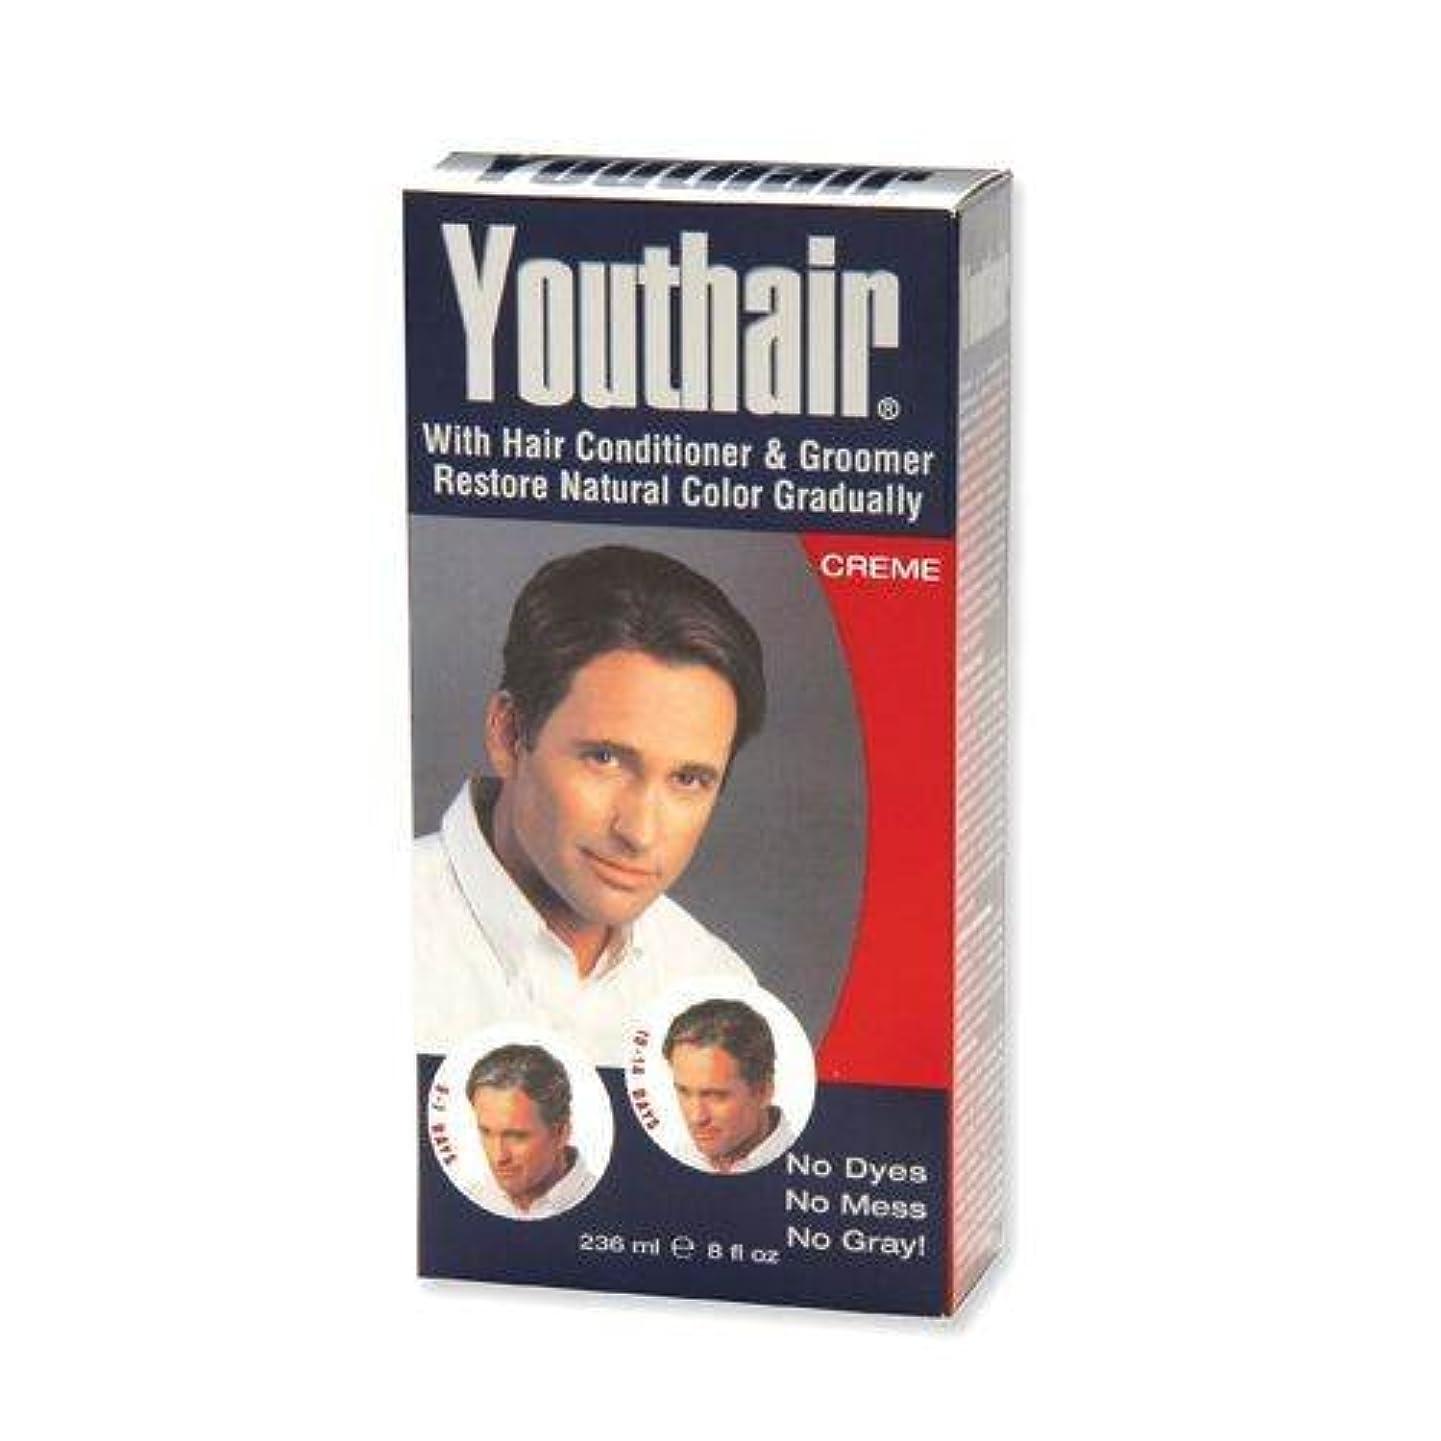 昨日肉腫対立YOUTHAIR Creme for Men with Hair Conditioner & Groomer Restore Natural Color Gradually 8oz/236ml by Youthair